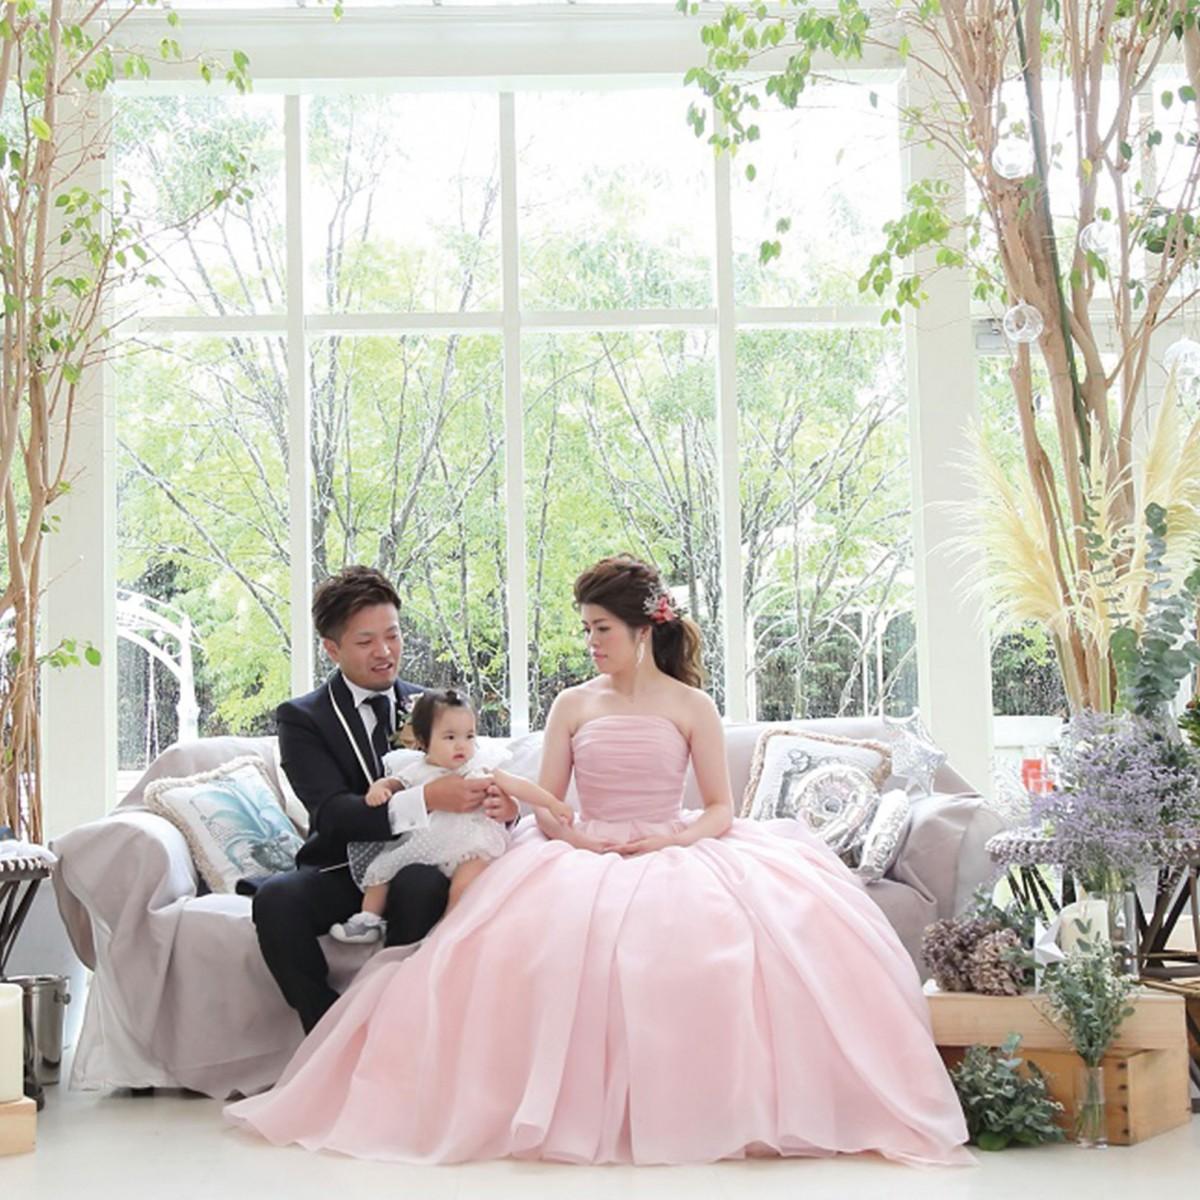 【安心特典付】マタニティ&パパママ婚フェア♪